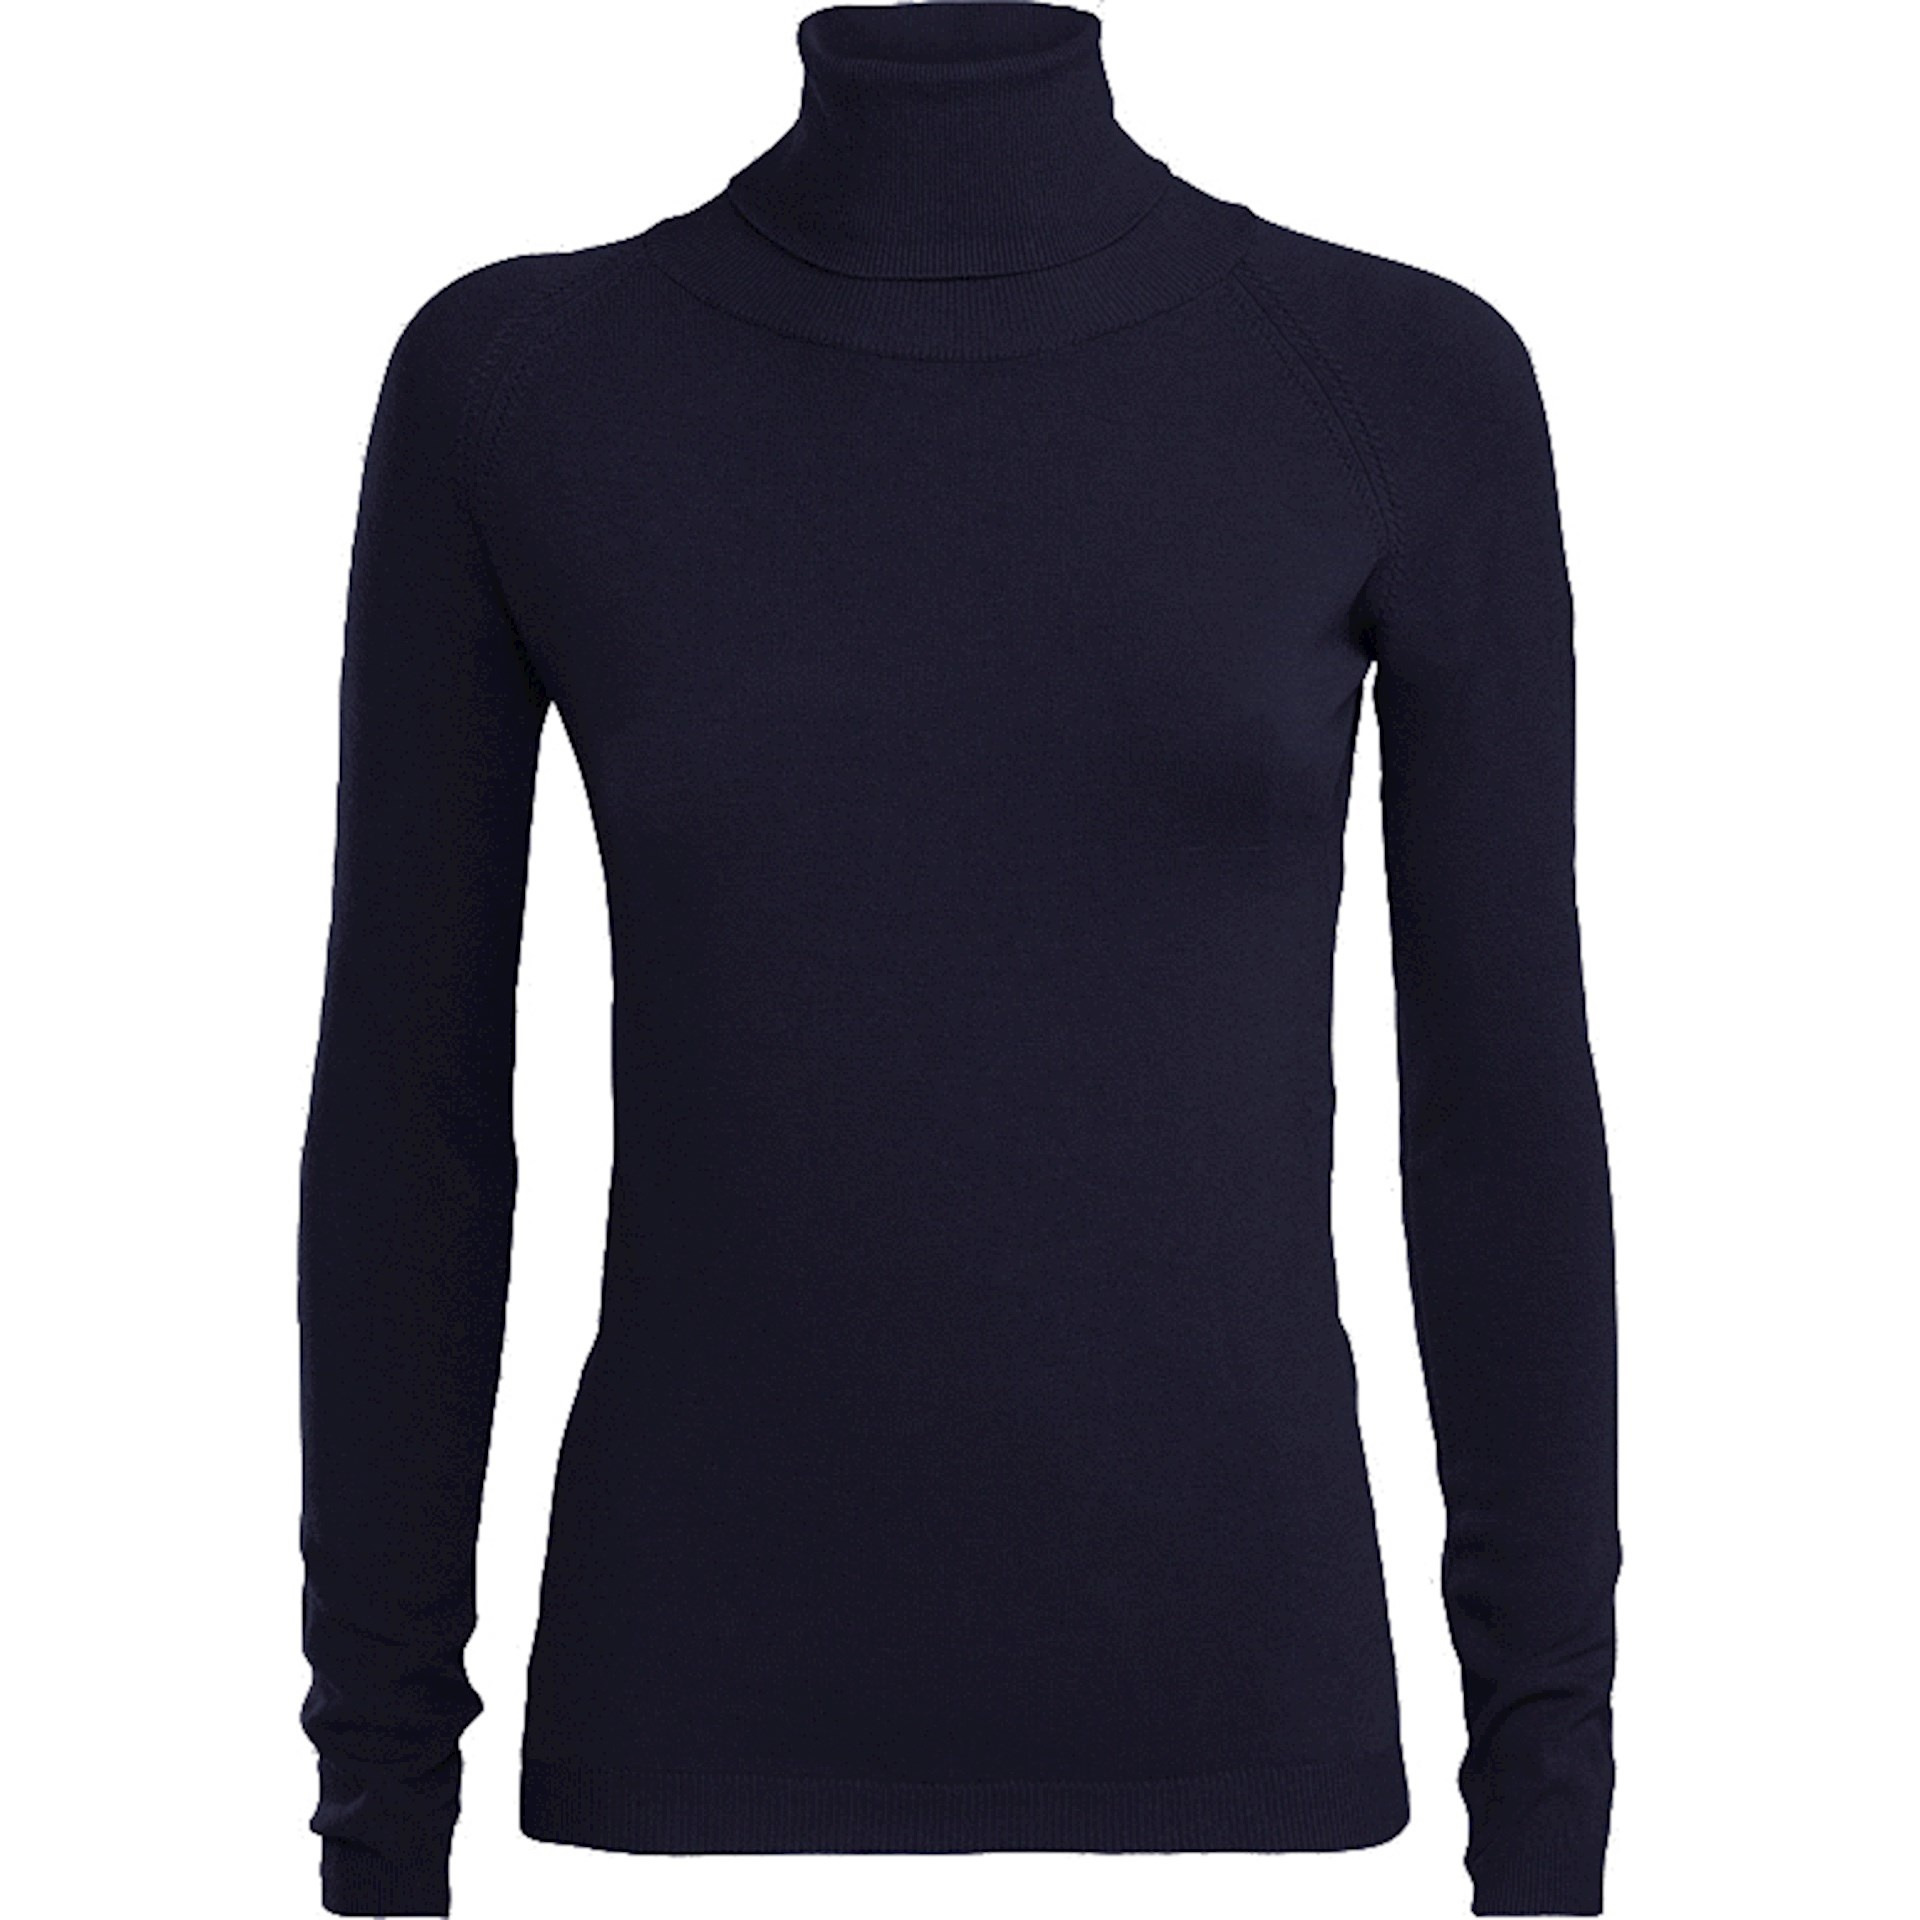 Summum turtle neck sweater 7S5529-7830-1